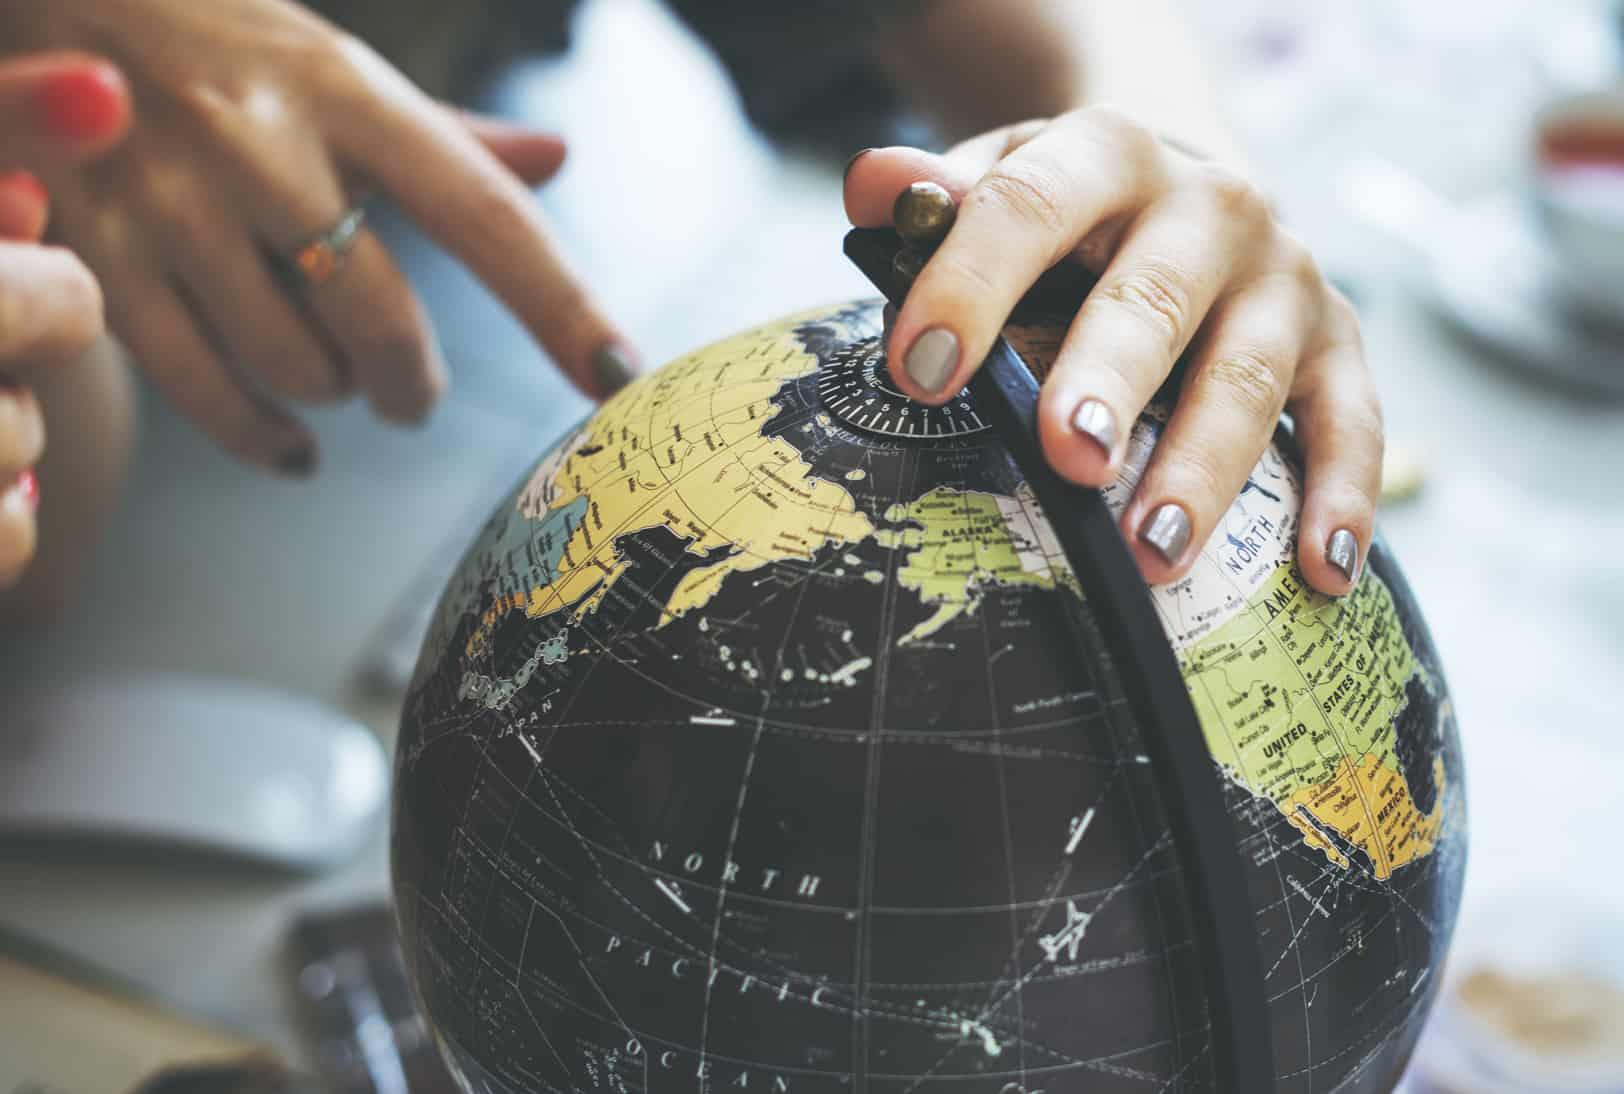 Du kan trygt rejse ud i verden, når du har en årsrejseforsikring fra Dansk Rejseforsikring. Årsrejseforsikringen dækker alle dine rejser op til 30 dage i 1 år.